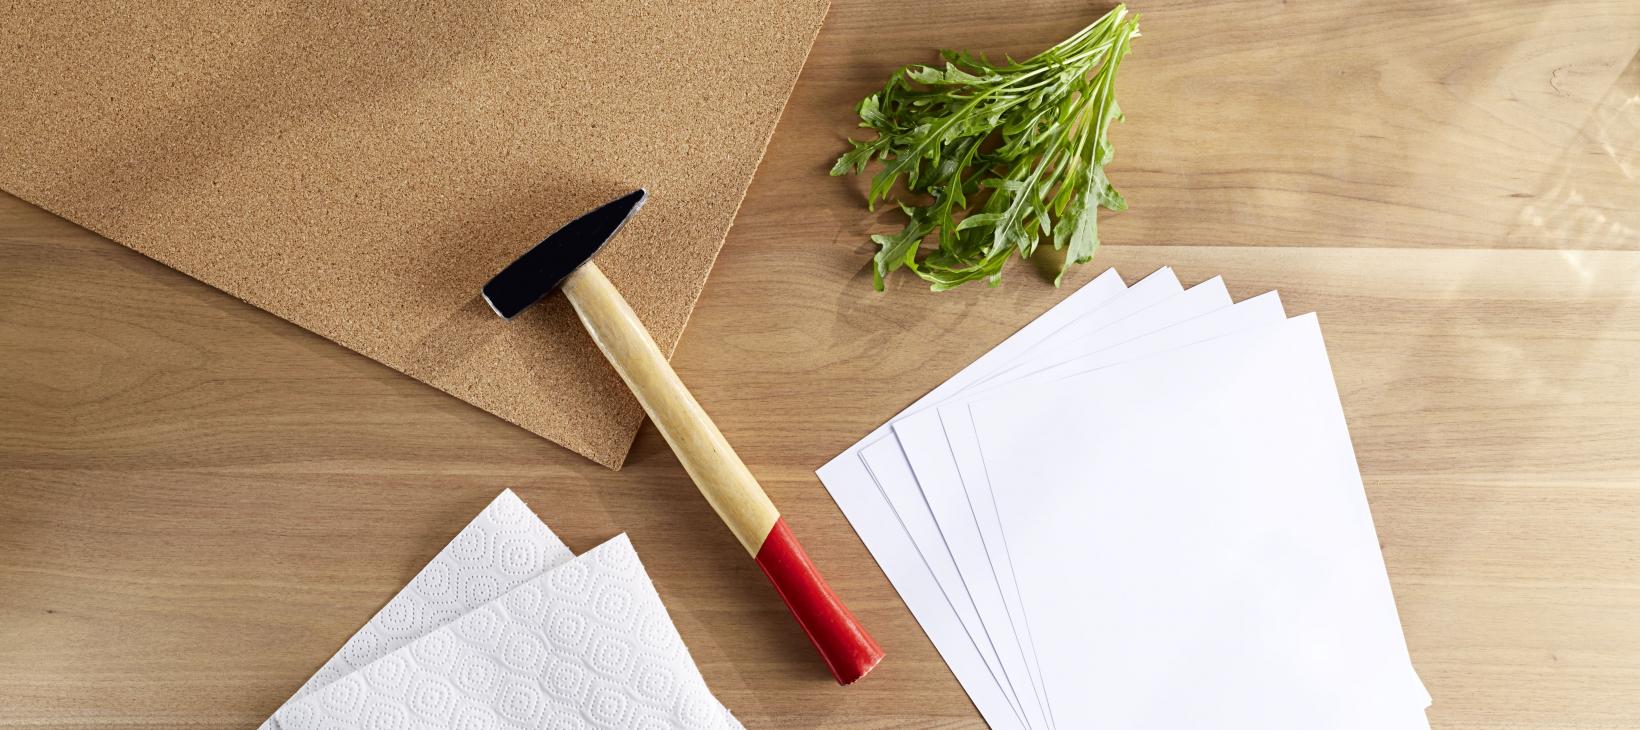 Material Blätterstempel-Tipp: Hammer und Blätter